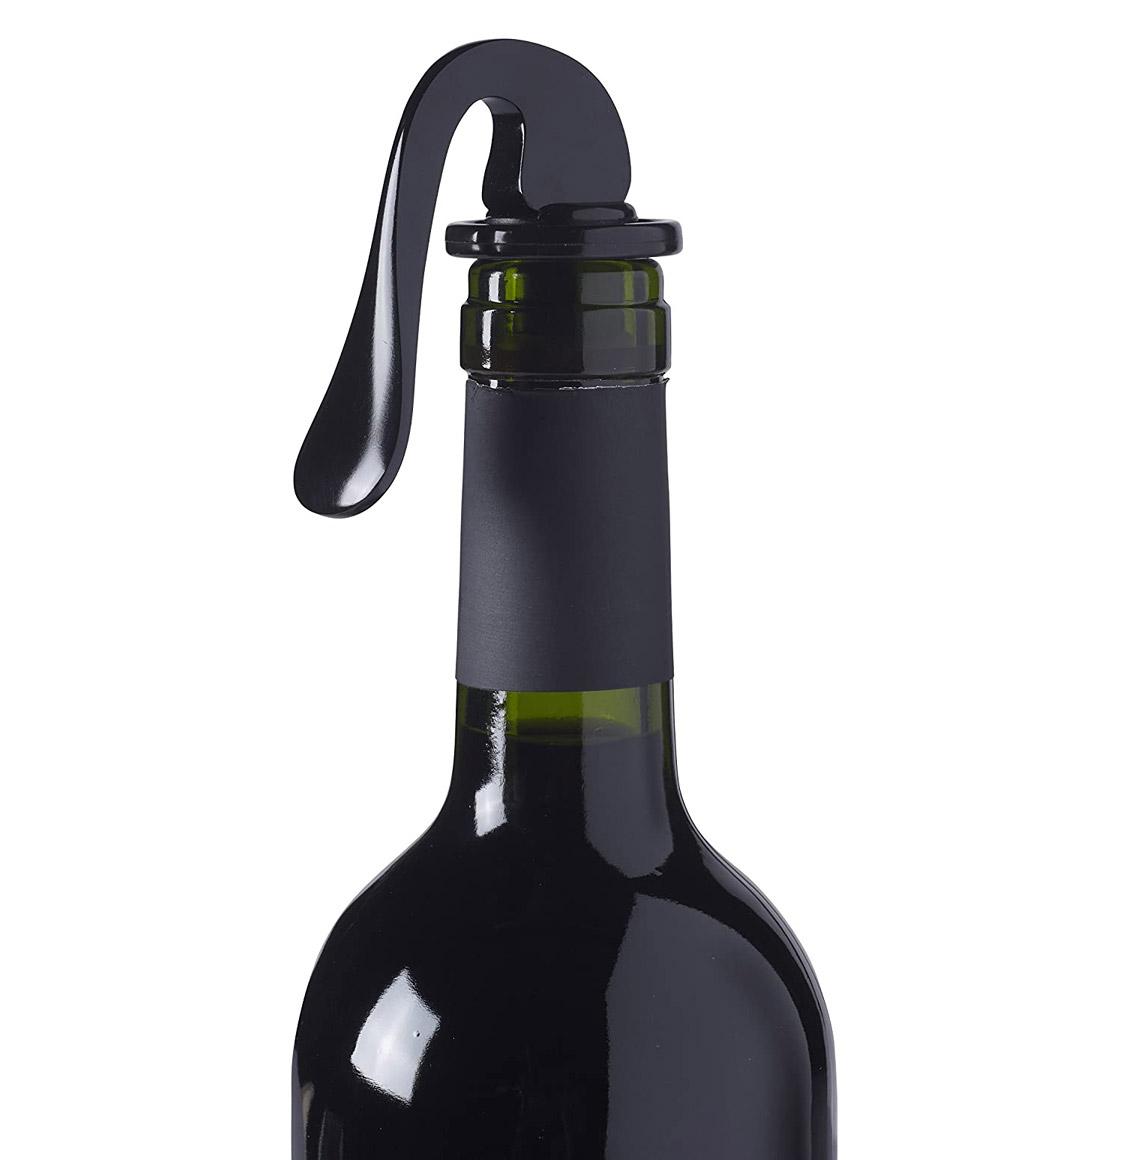 L' Atelier Du Vin Gard'Bulles Champagne Stopper